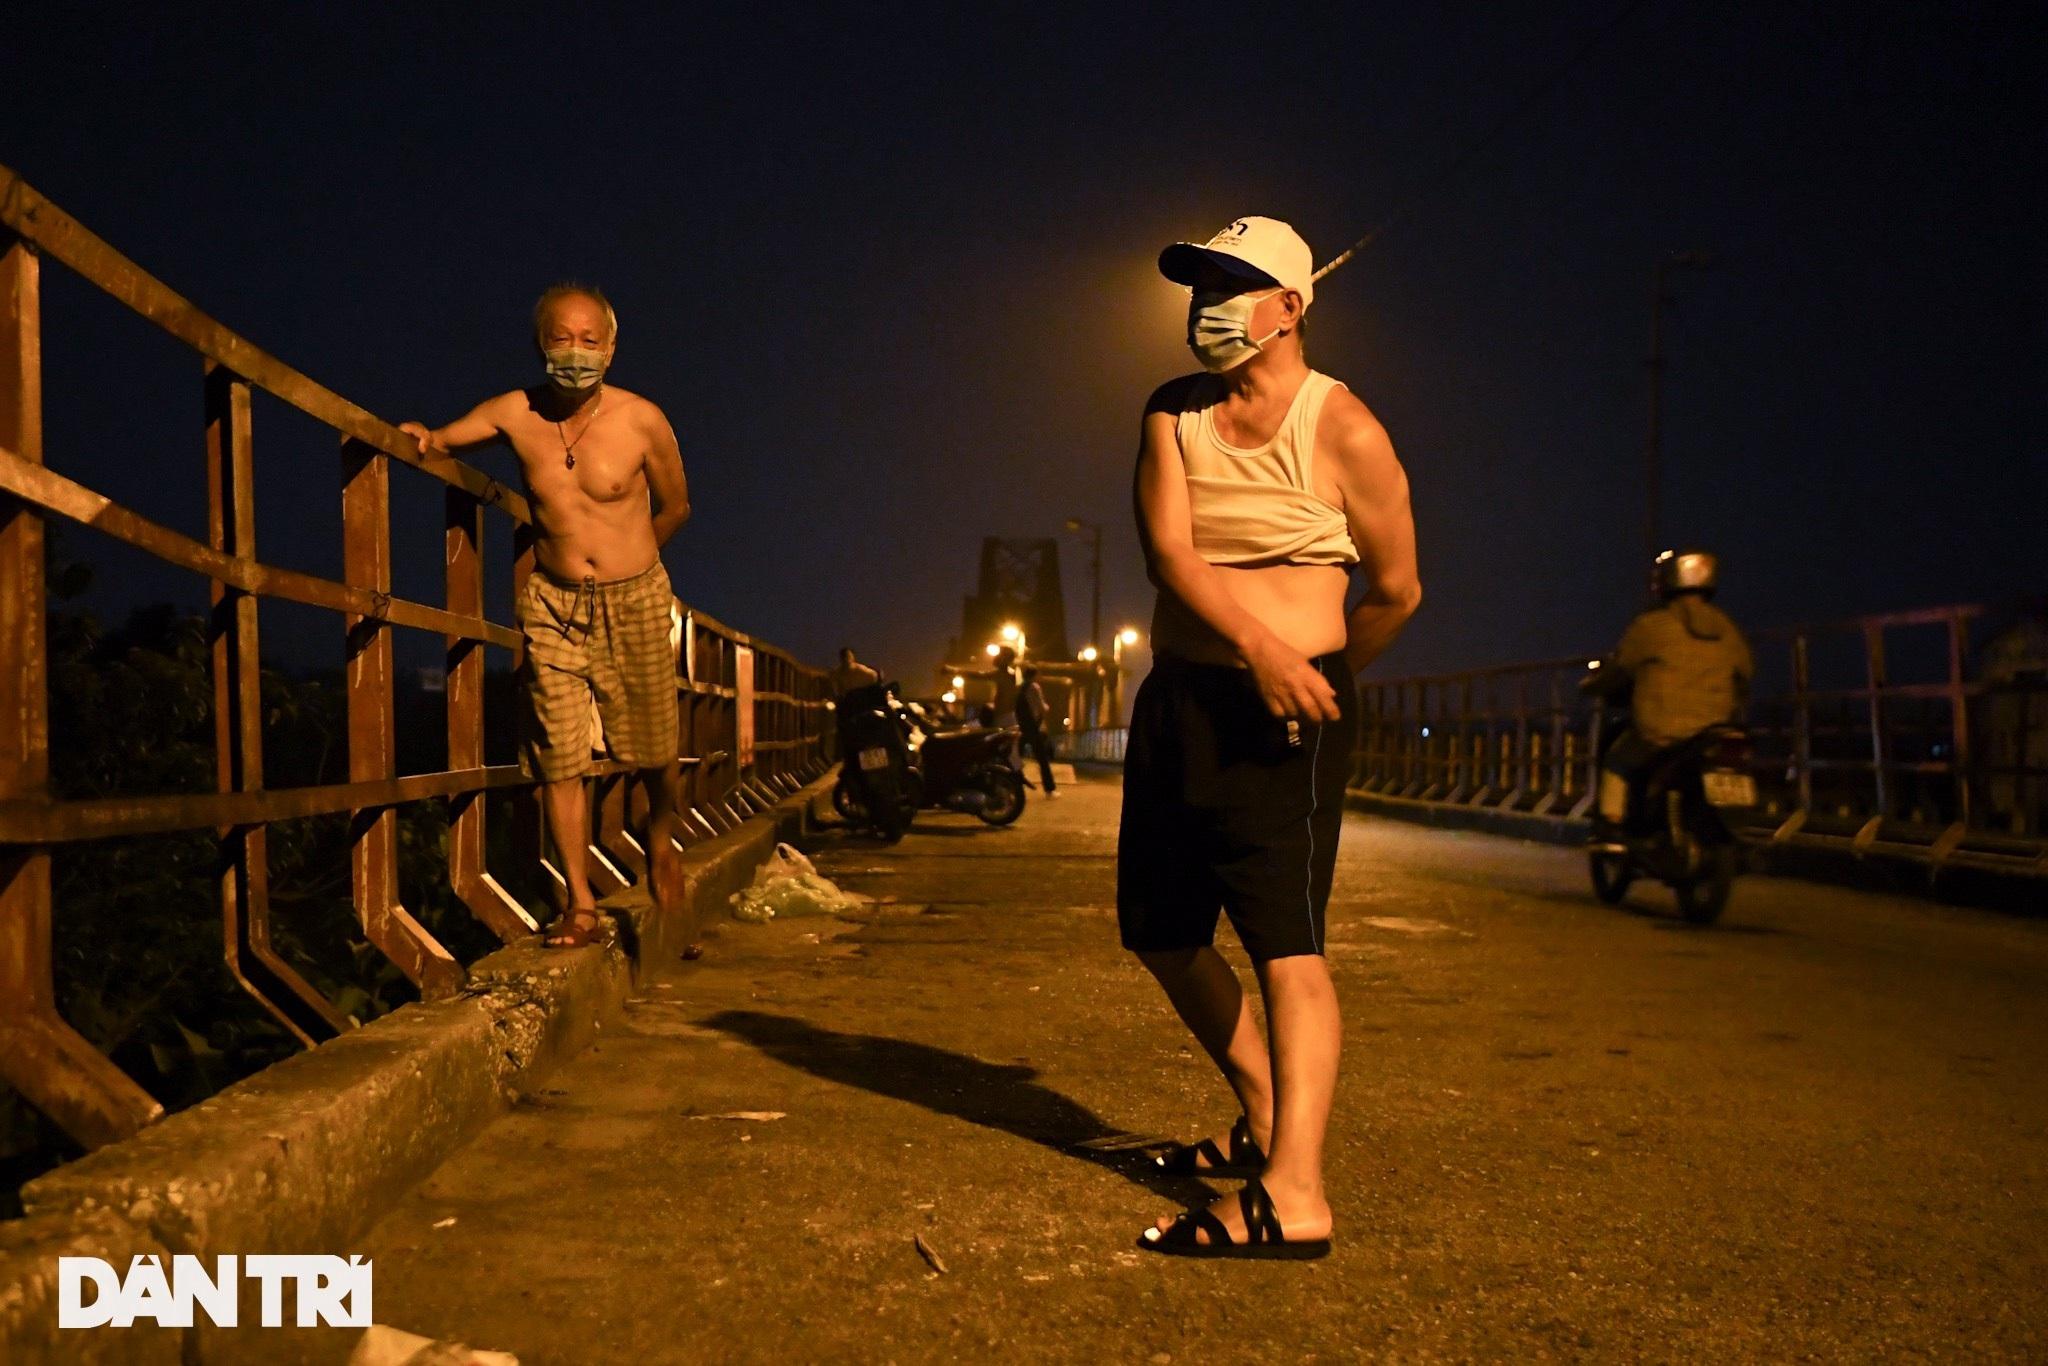 Sau nới lỏng, người dân Hà Nội đổ ra đường tập thể dục từ tờ mờ sáng - 2